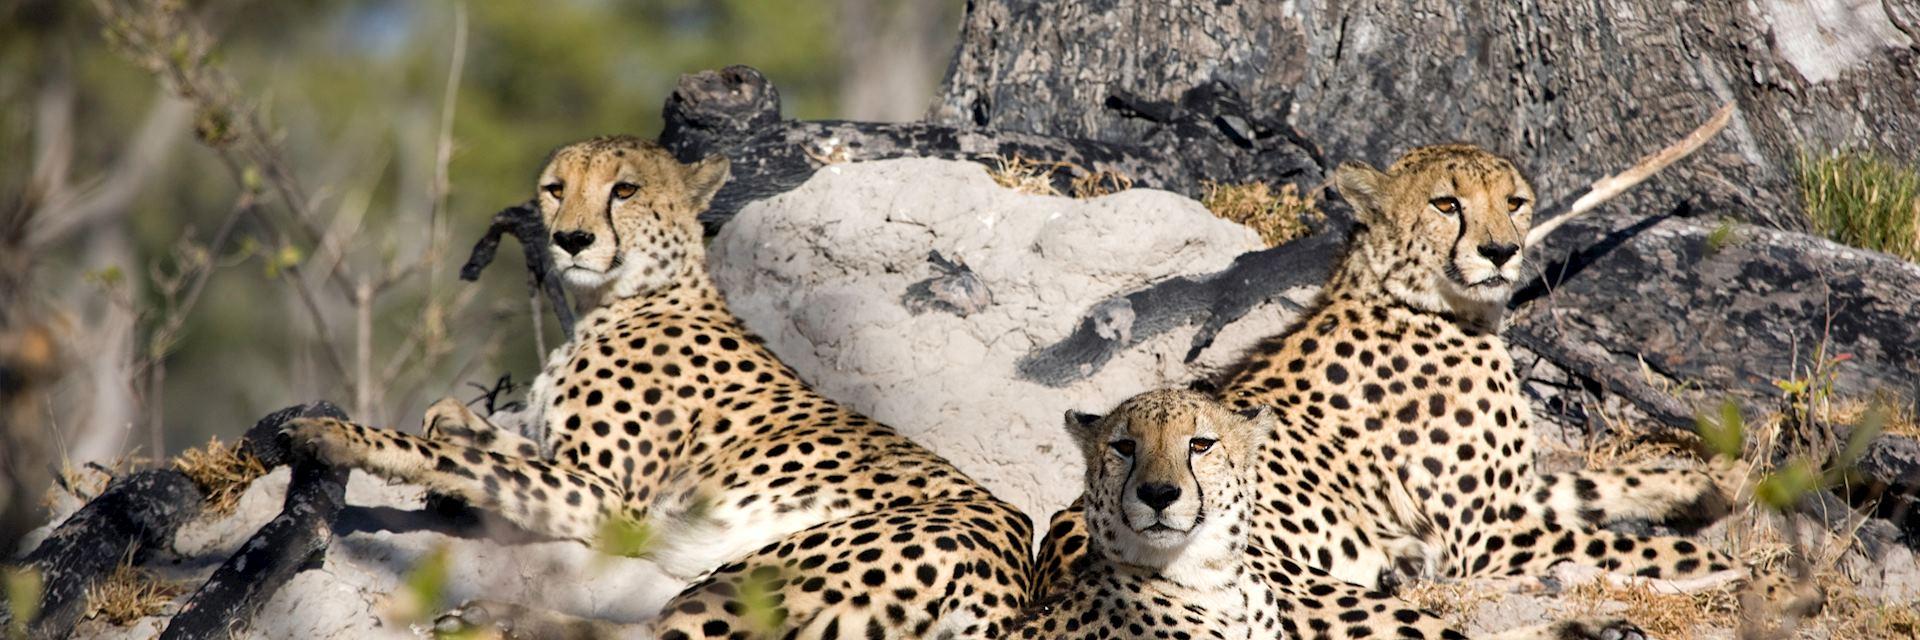 Cheetah at Stanley's Camp, Okavango Delta